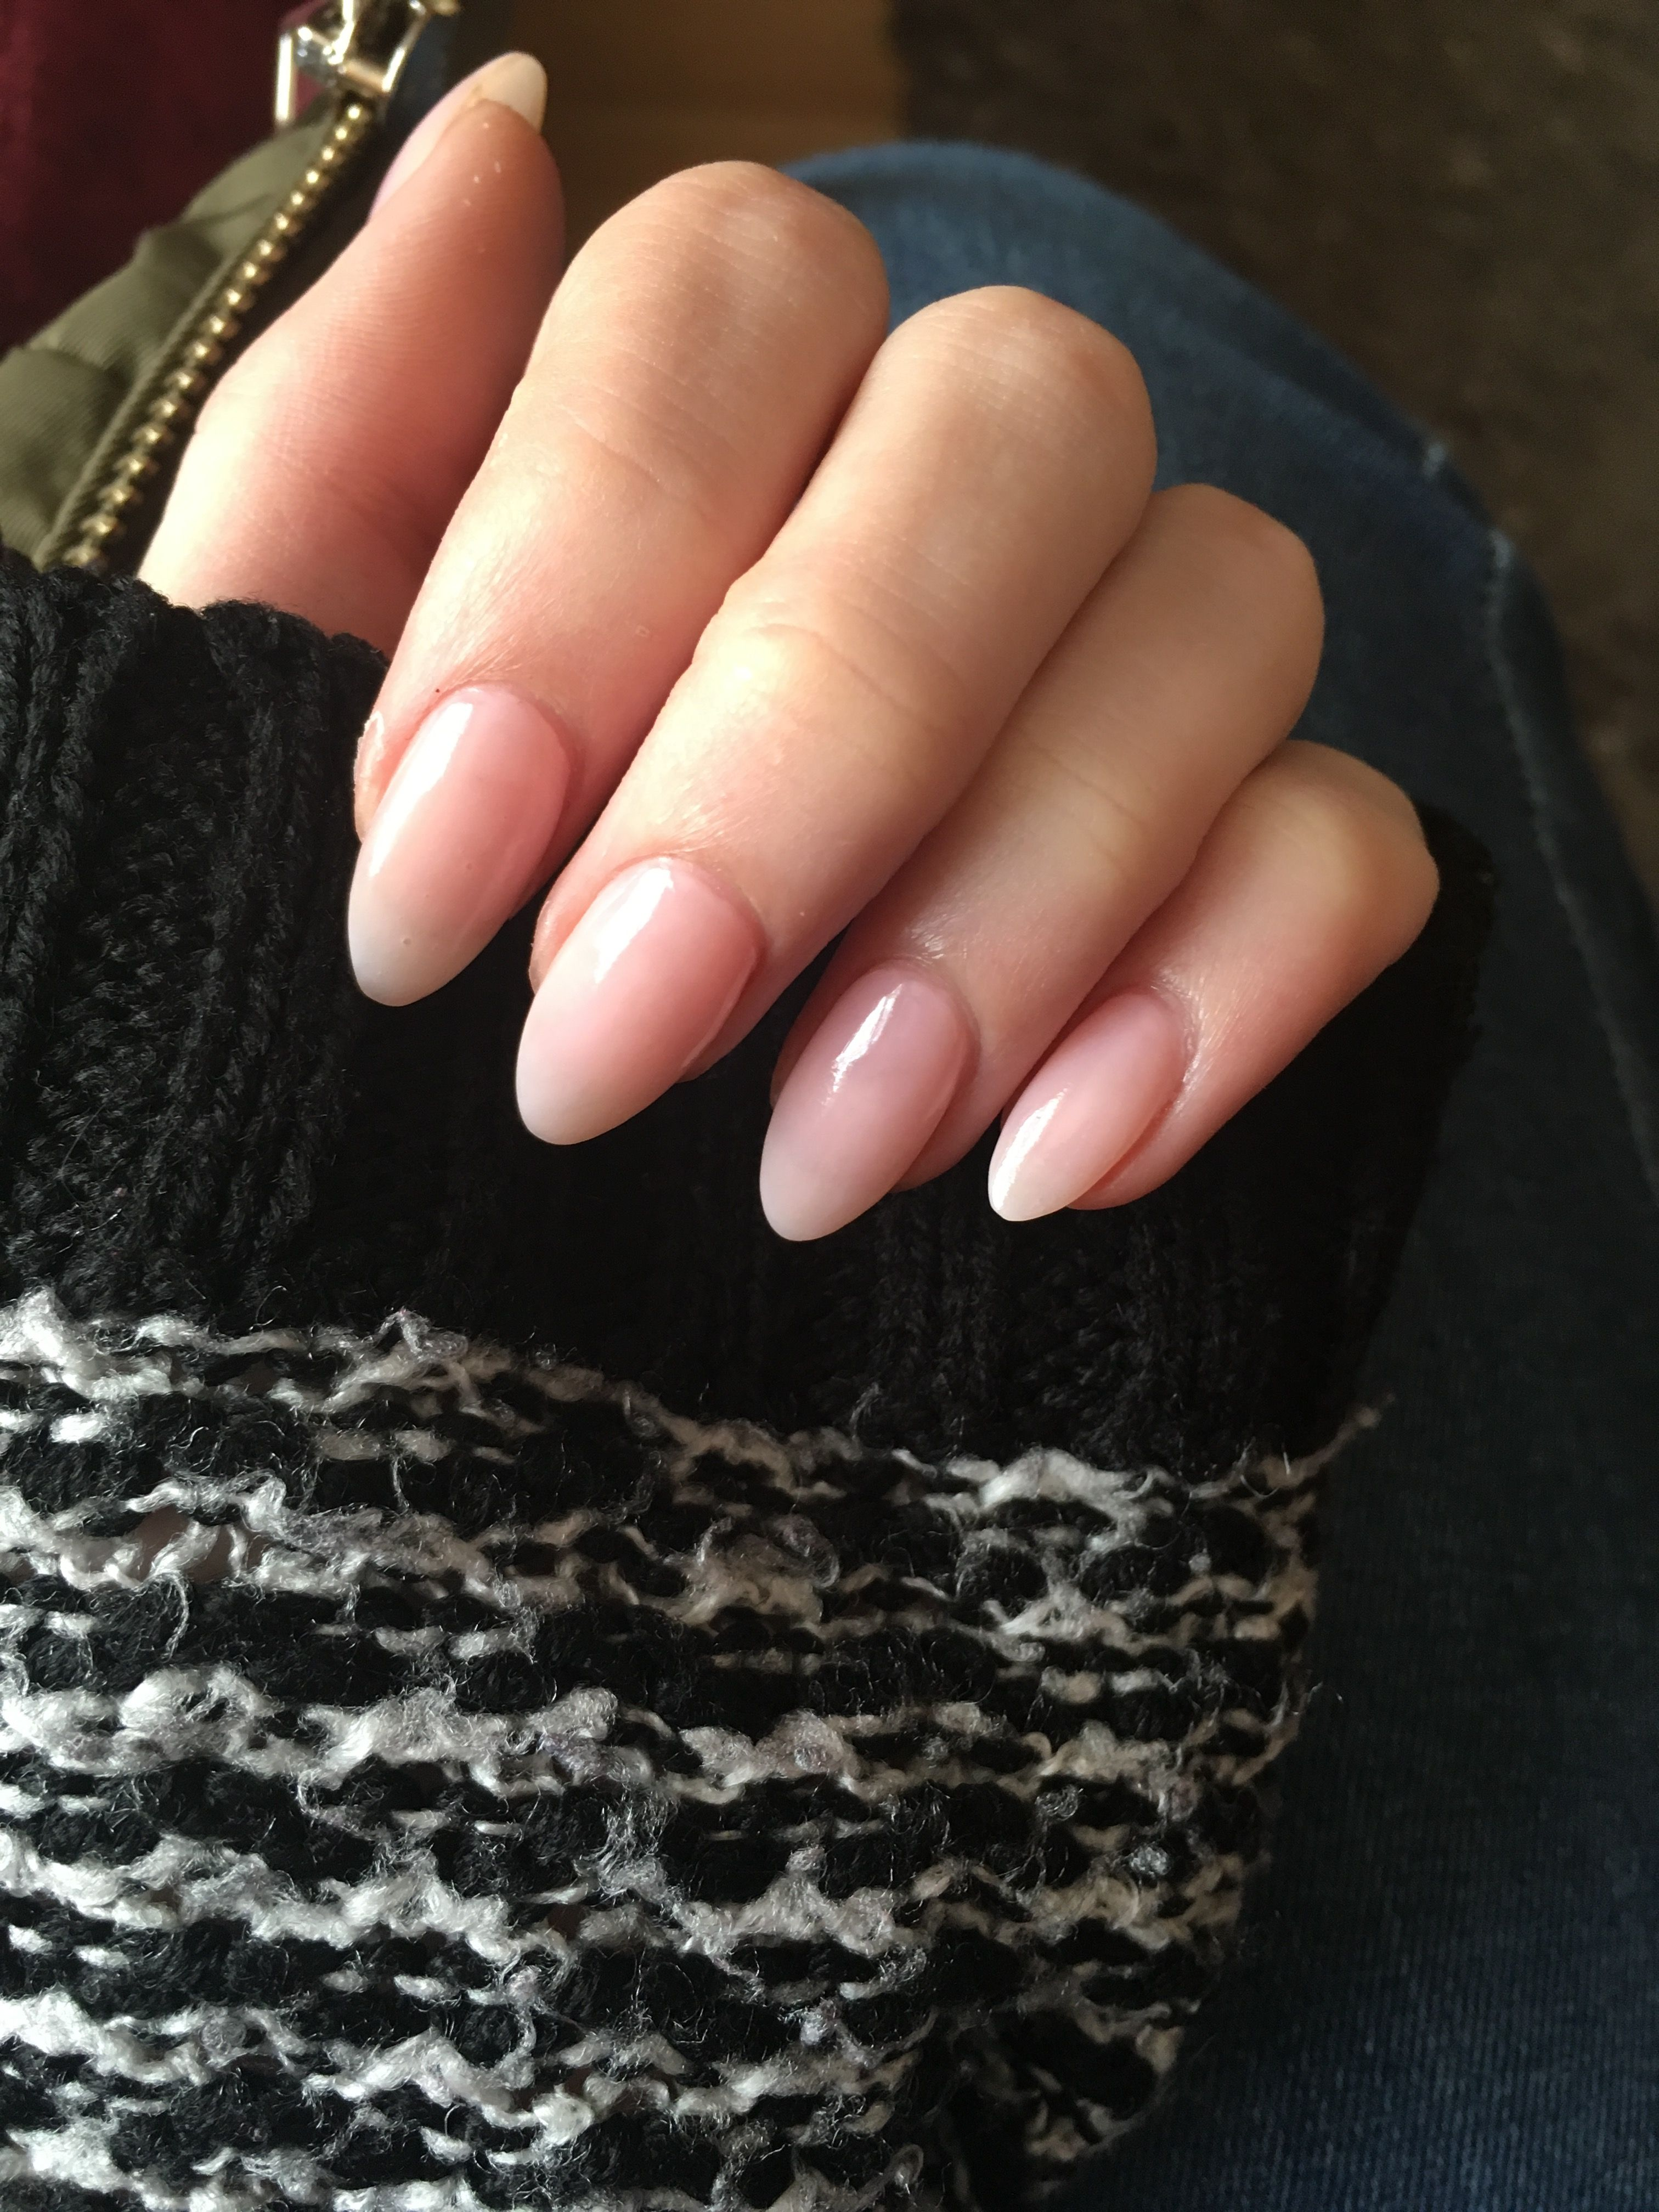 Lucyfrancis uña pinterest uña decoradas uñas y uñas naturales